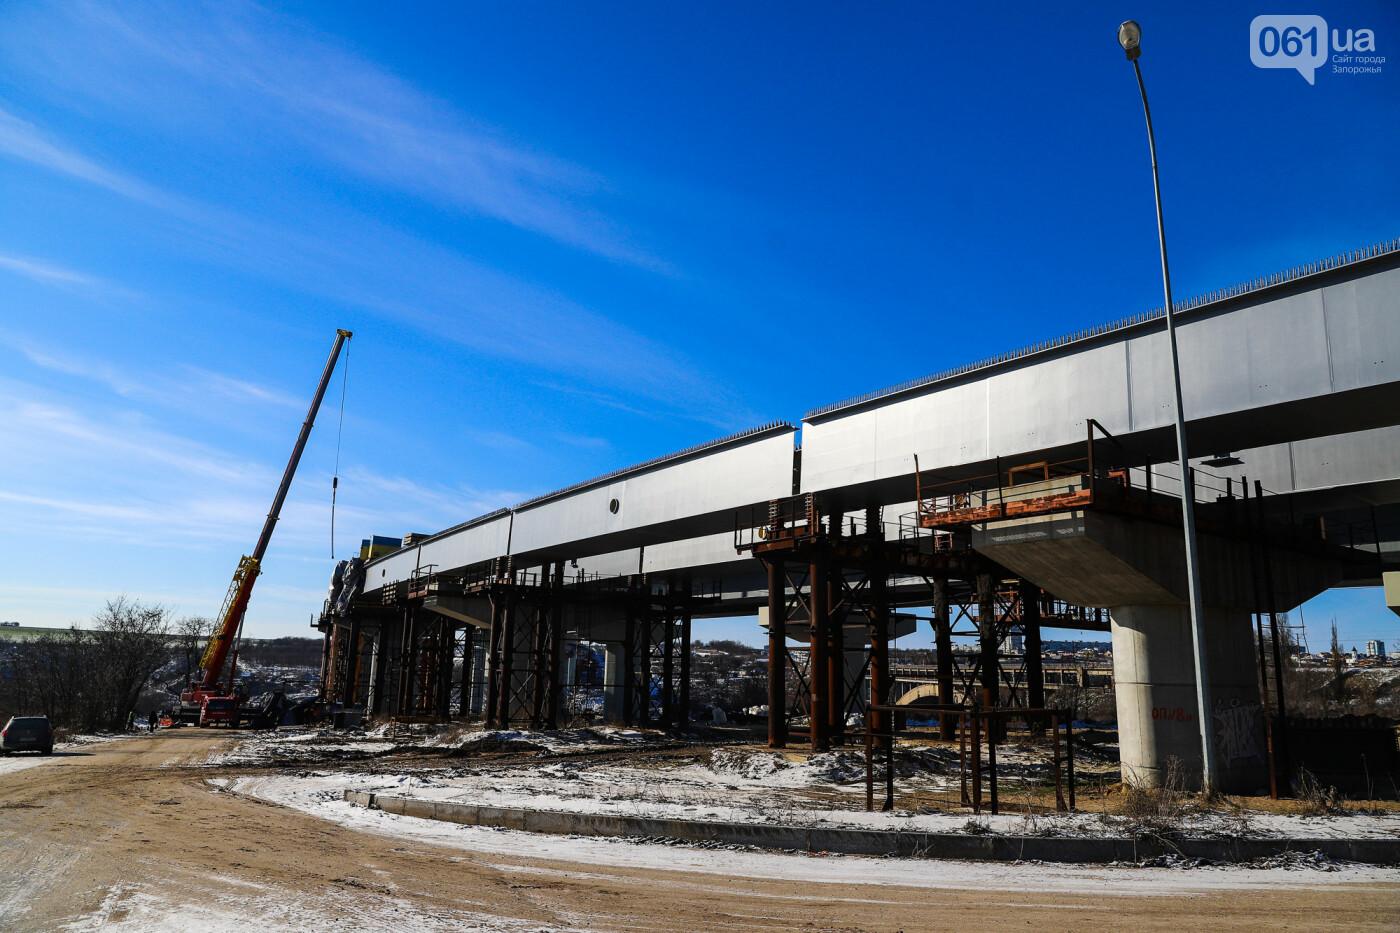 Кран с иностранной пропиской, ванты и металл: строительство запорожских мостов в фотографиях, фото-31